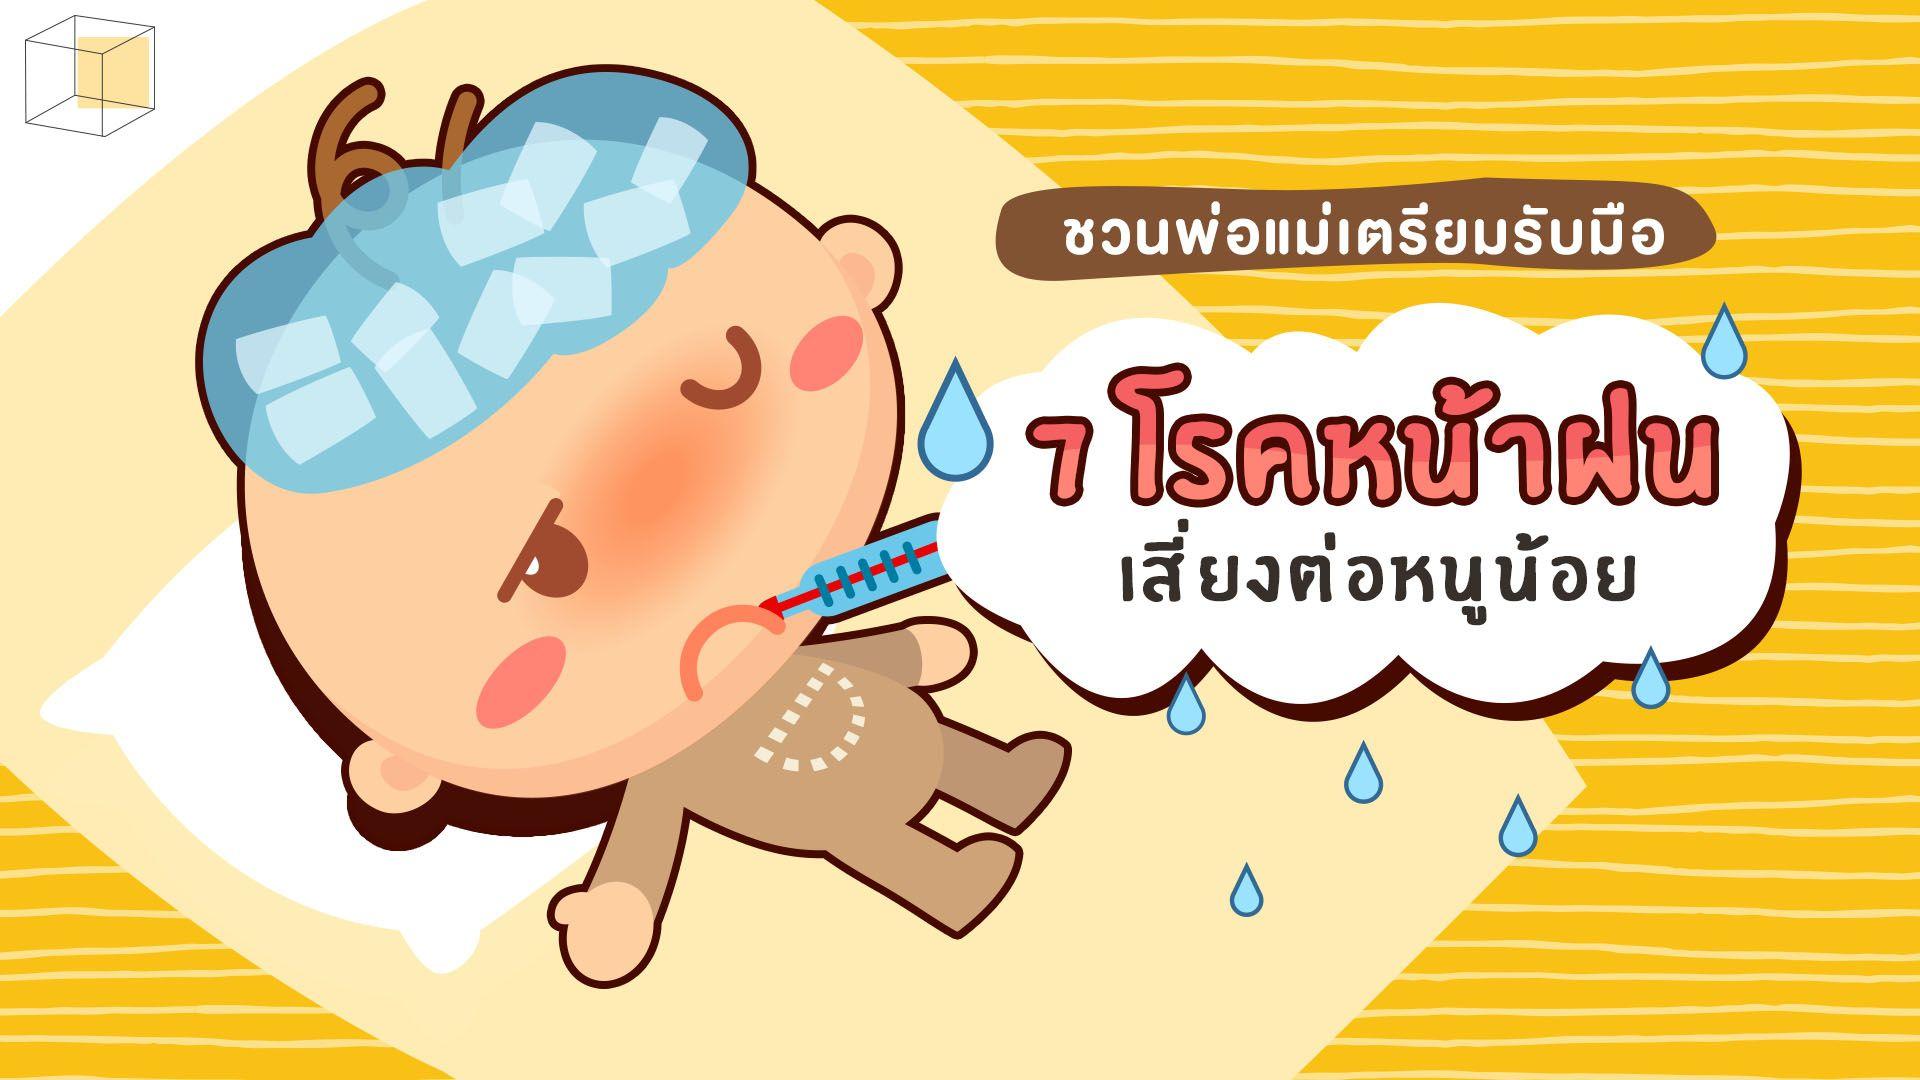 โรคหน้าฝน โรคเด็ก